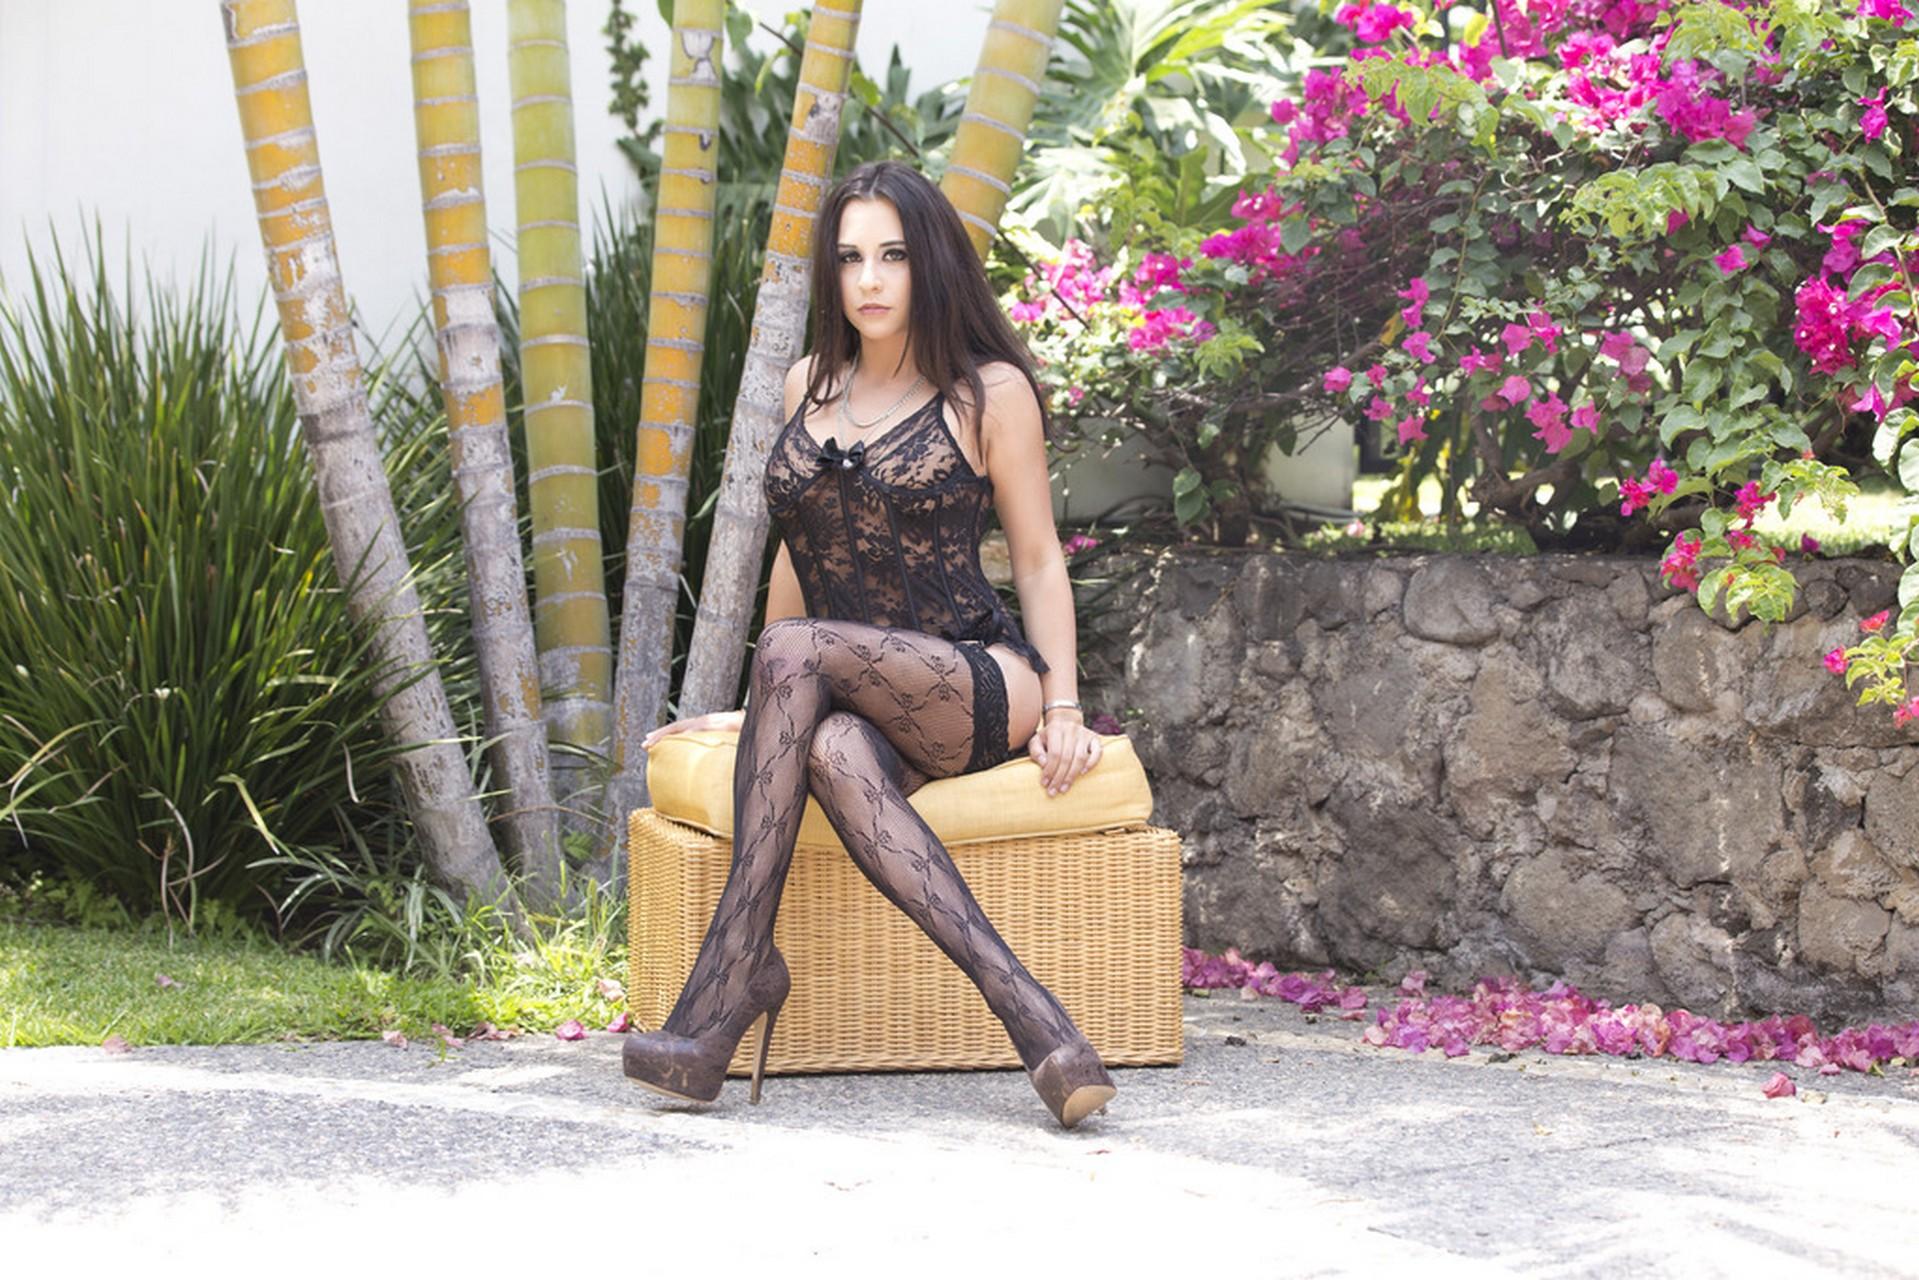 Chanel Lux y Maria Devine - una orgia interracial